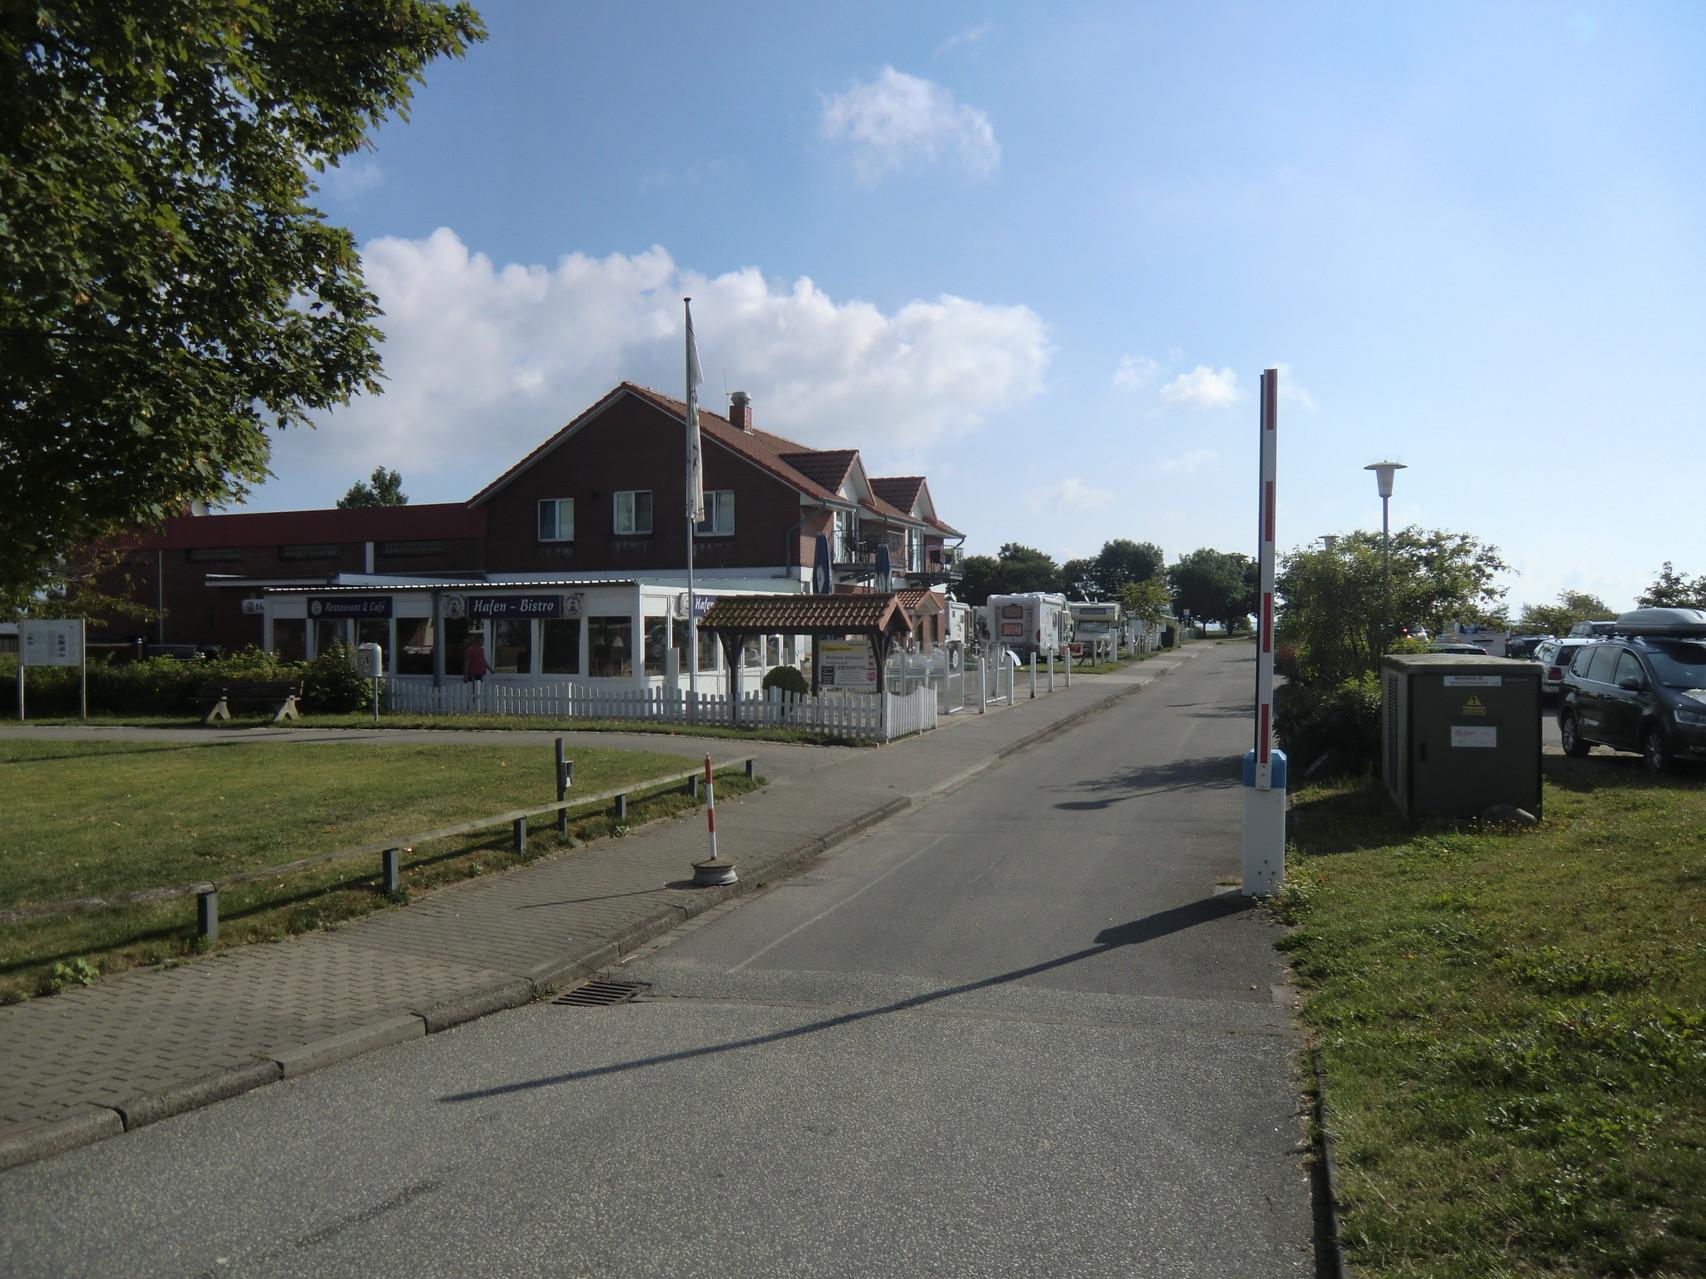 Einfahrt zum Stellplatz Maasholm am Hafen